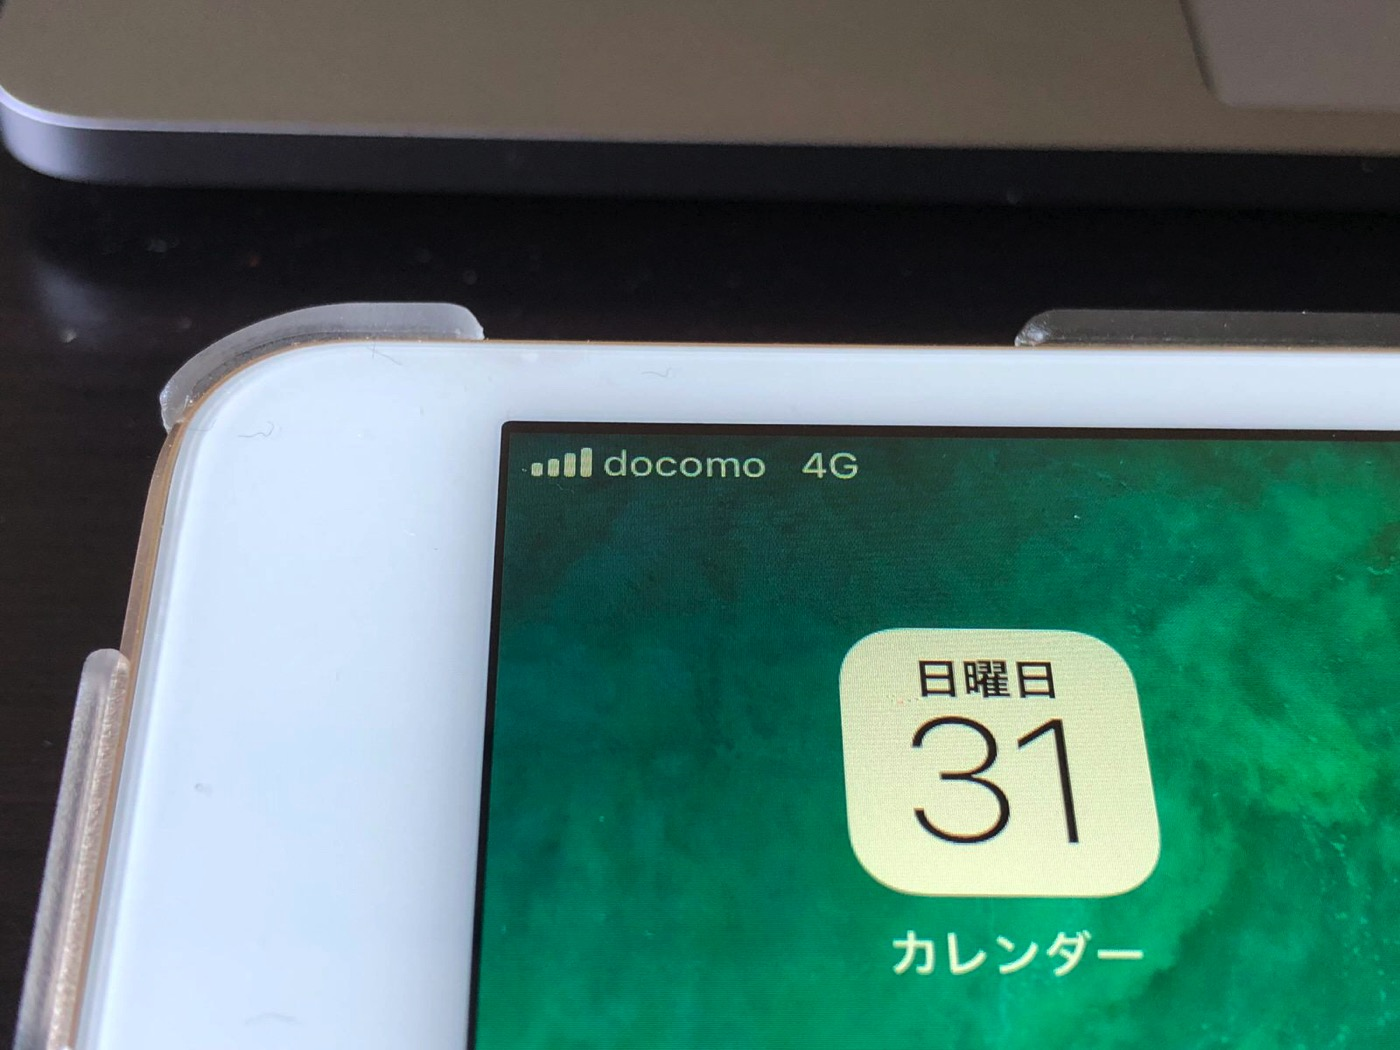 iPad Pro docomo 4G